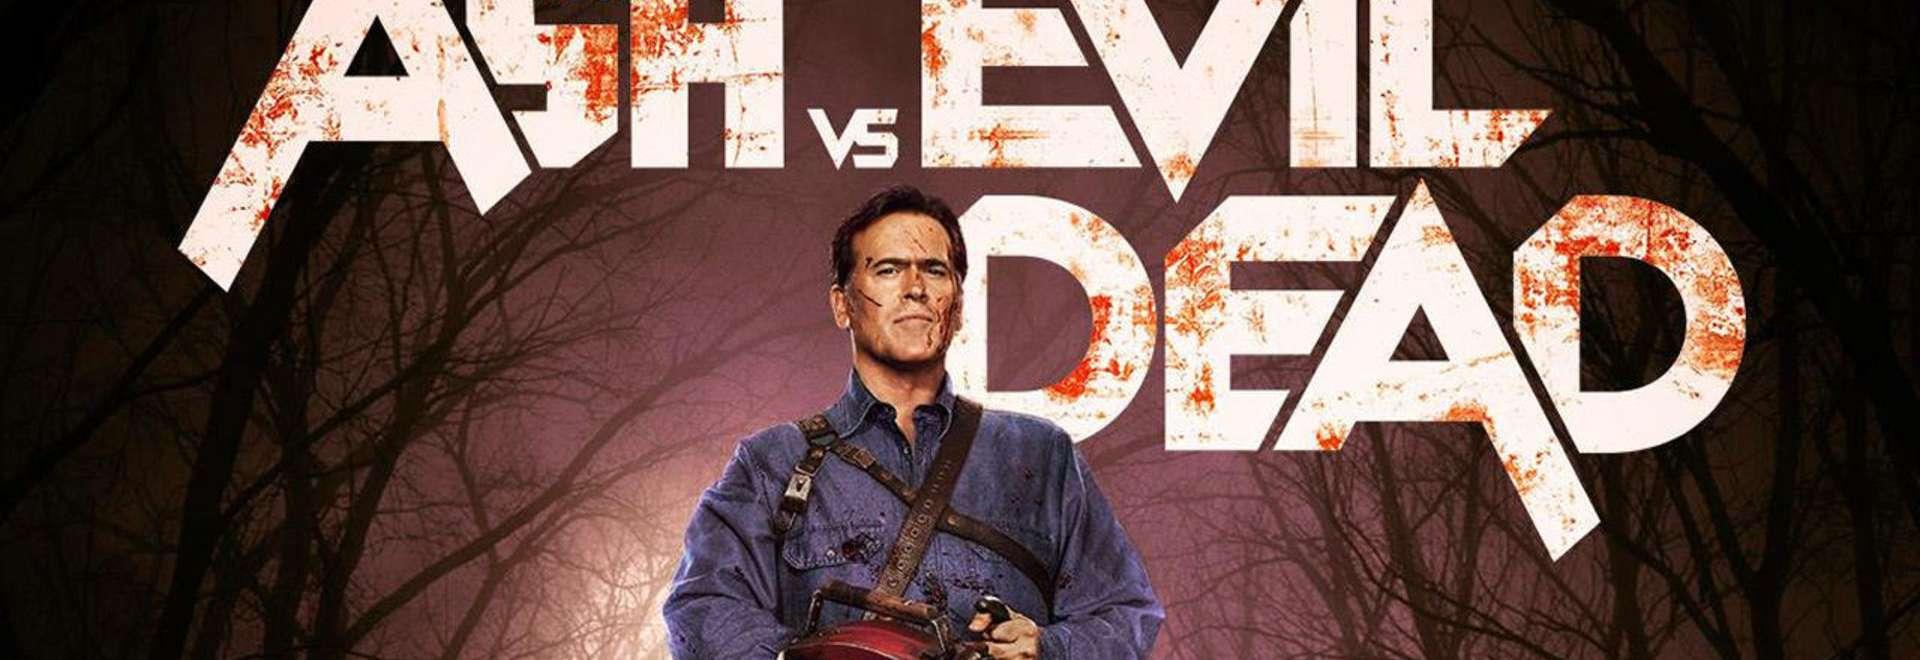 Ash vs Evil Dead Feature Image